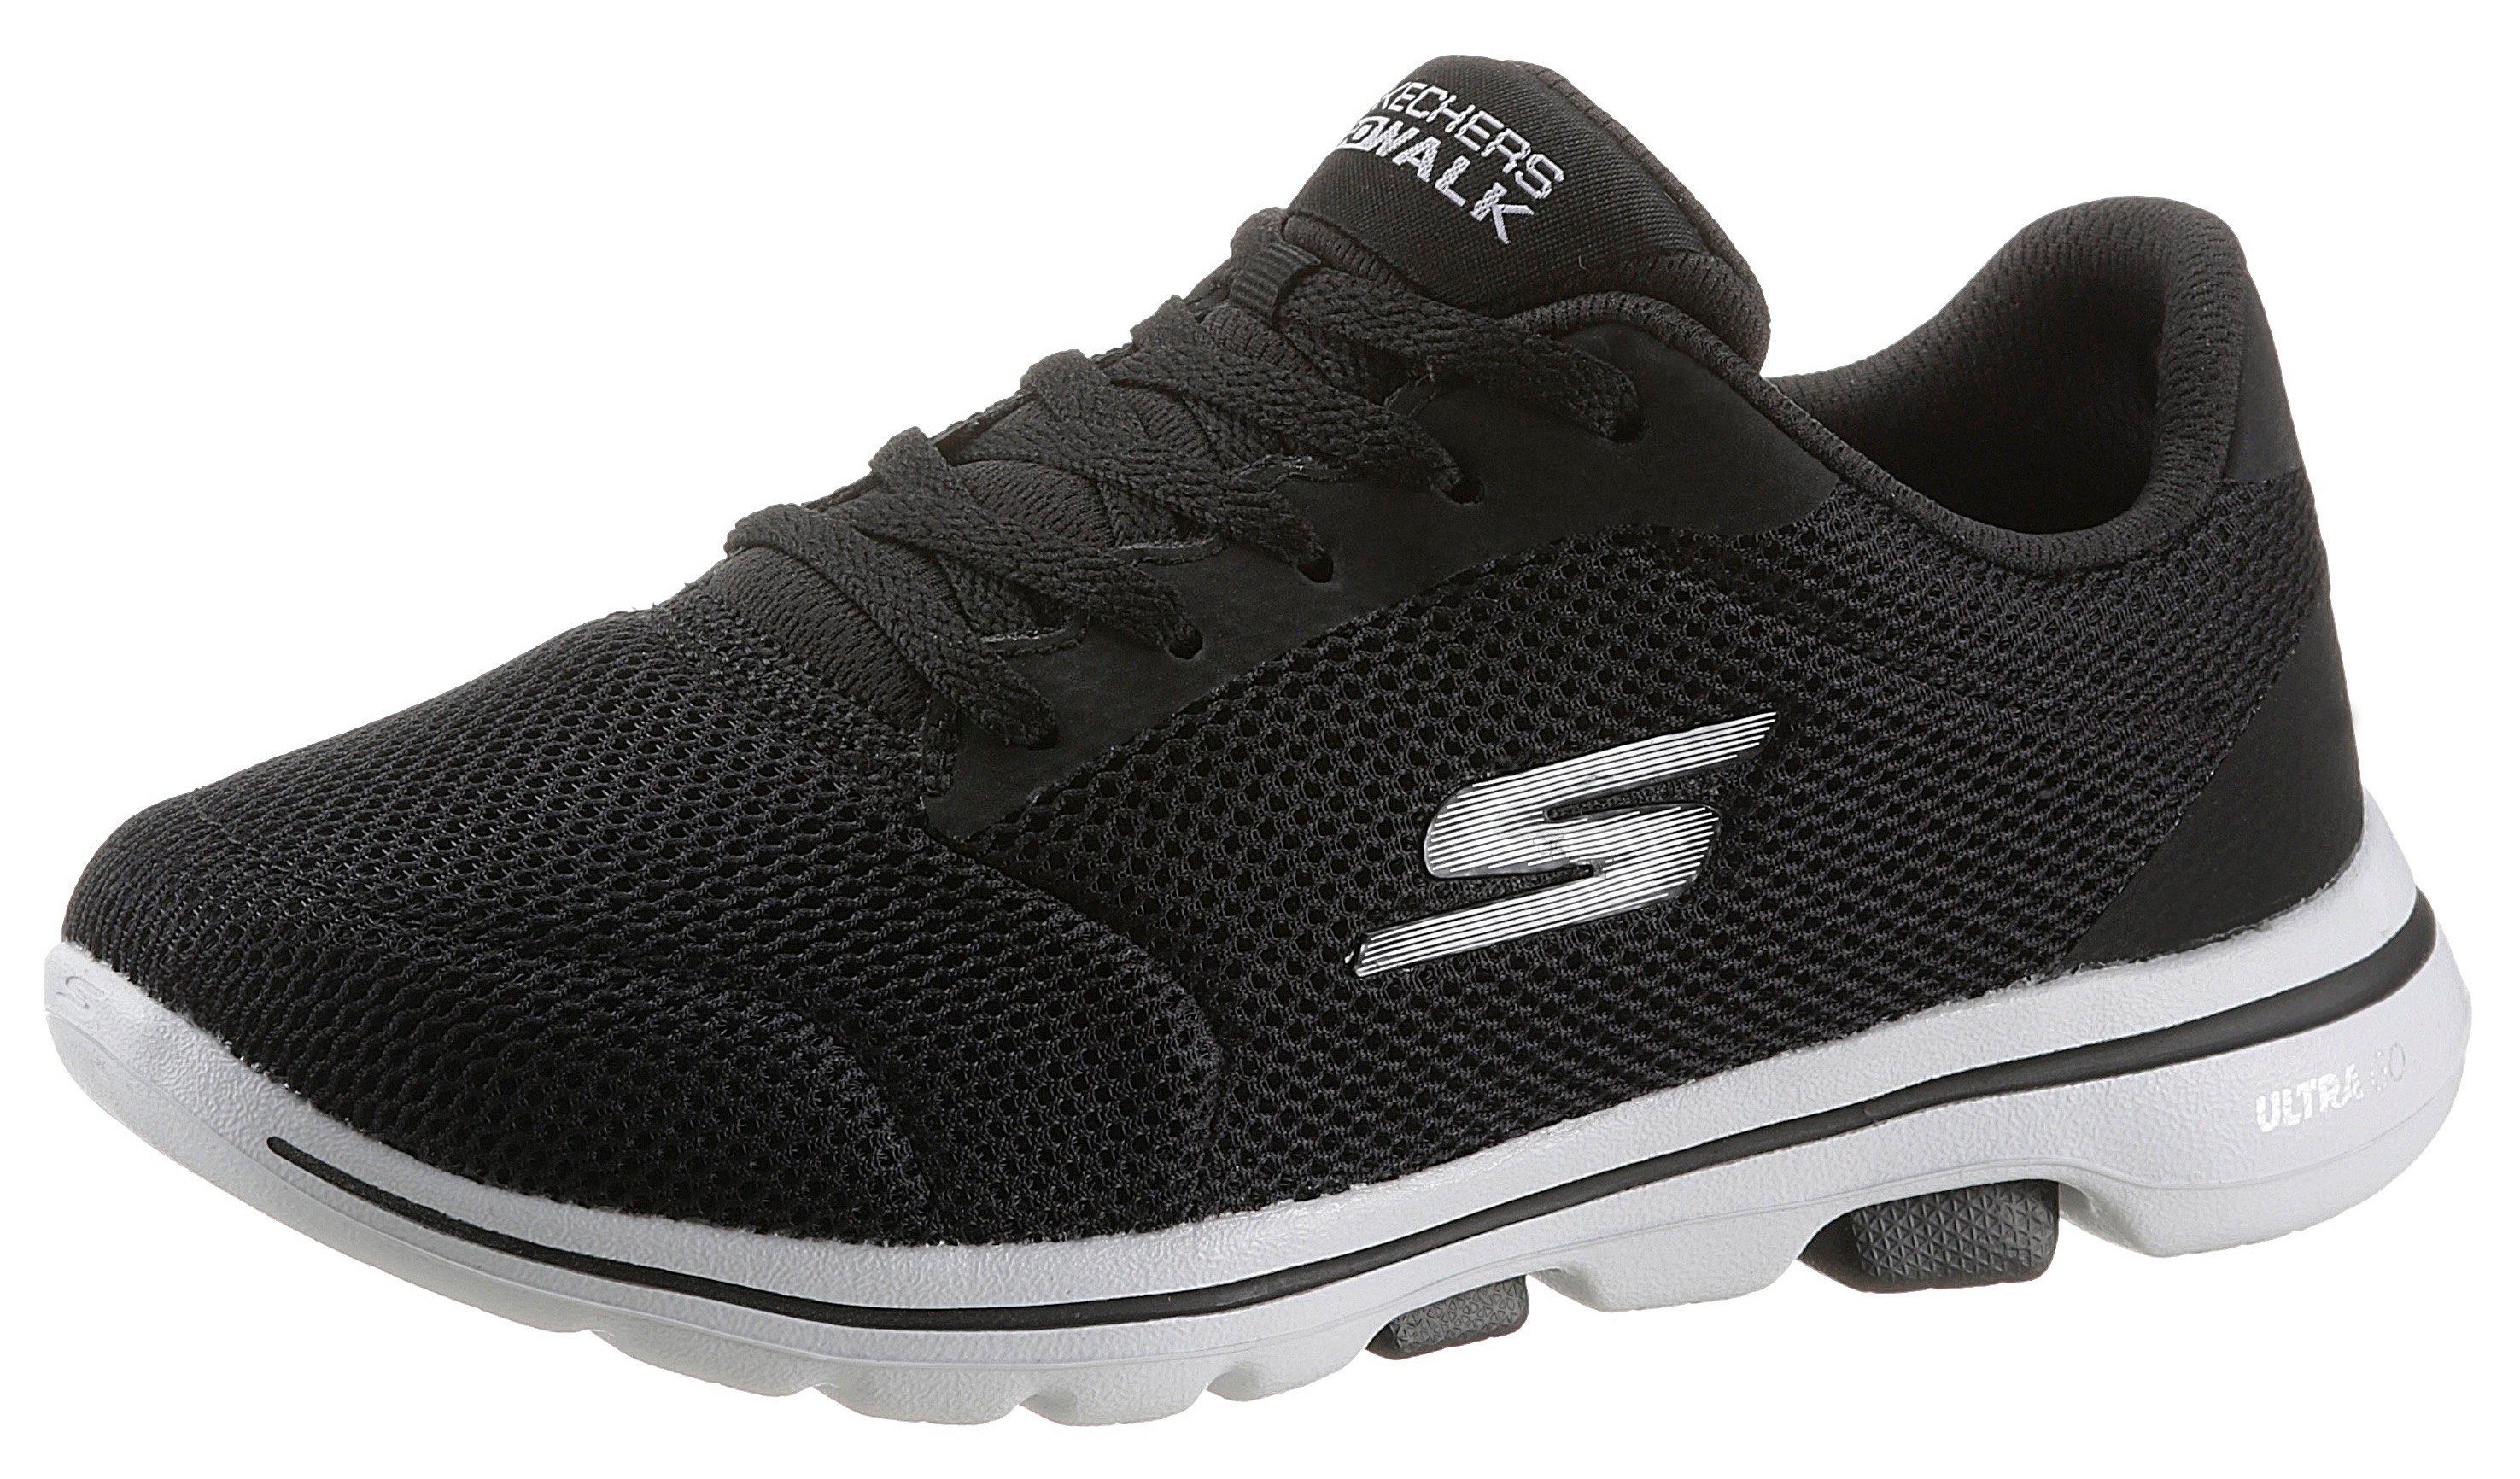 Skechers sneakers GO WALK 5-LUCKY in schoenwijdte g (wijd) online kopen op otto.nl